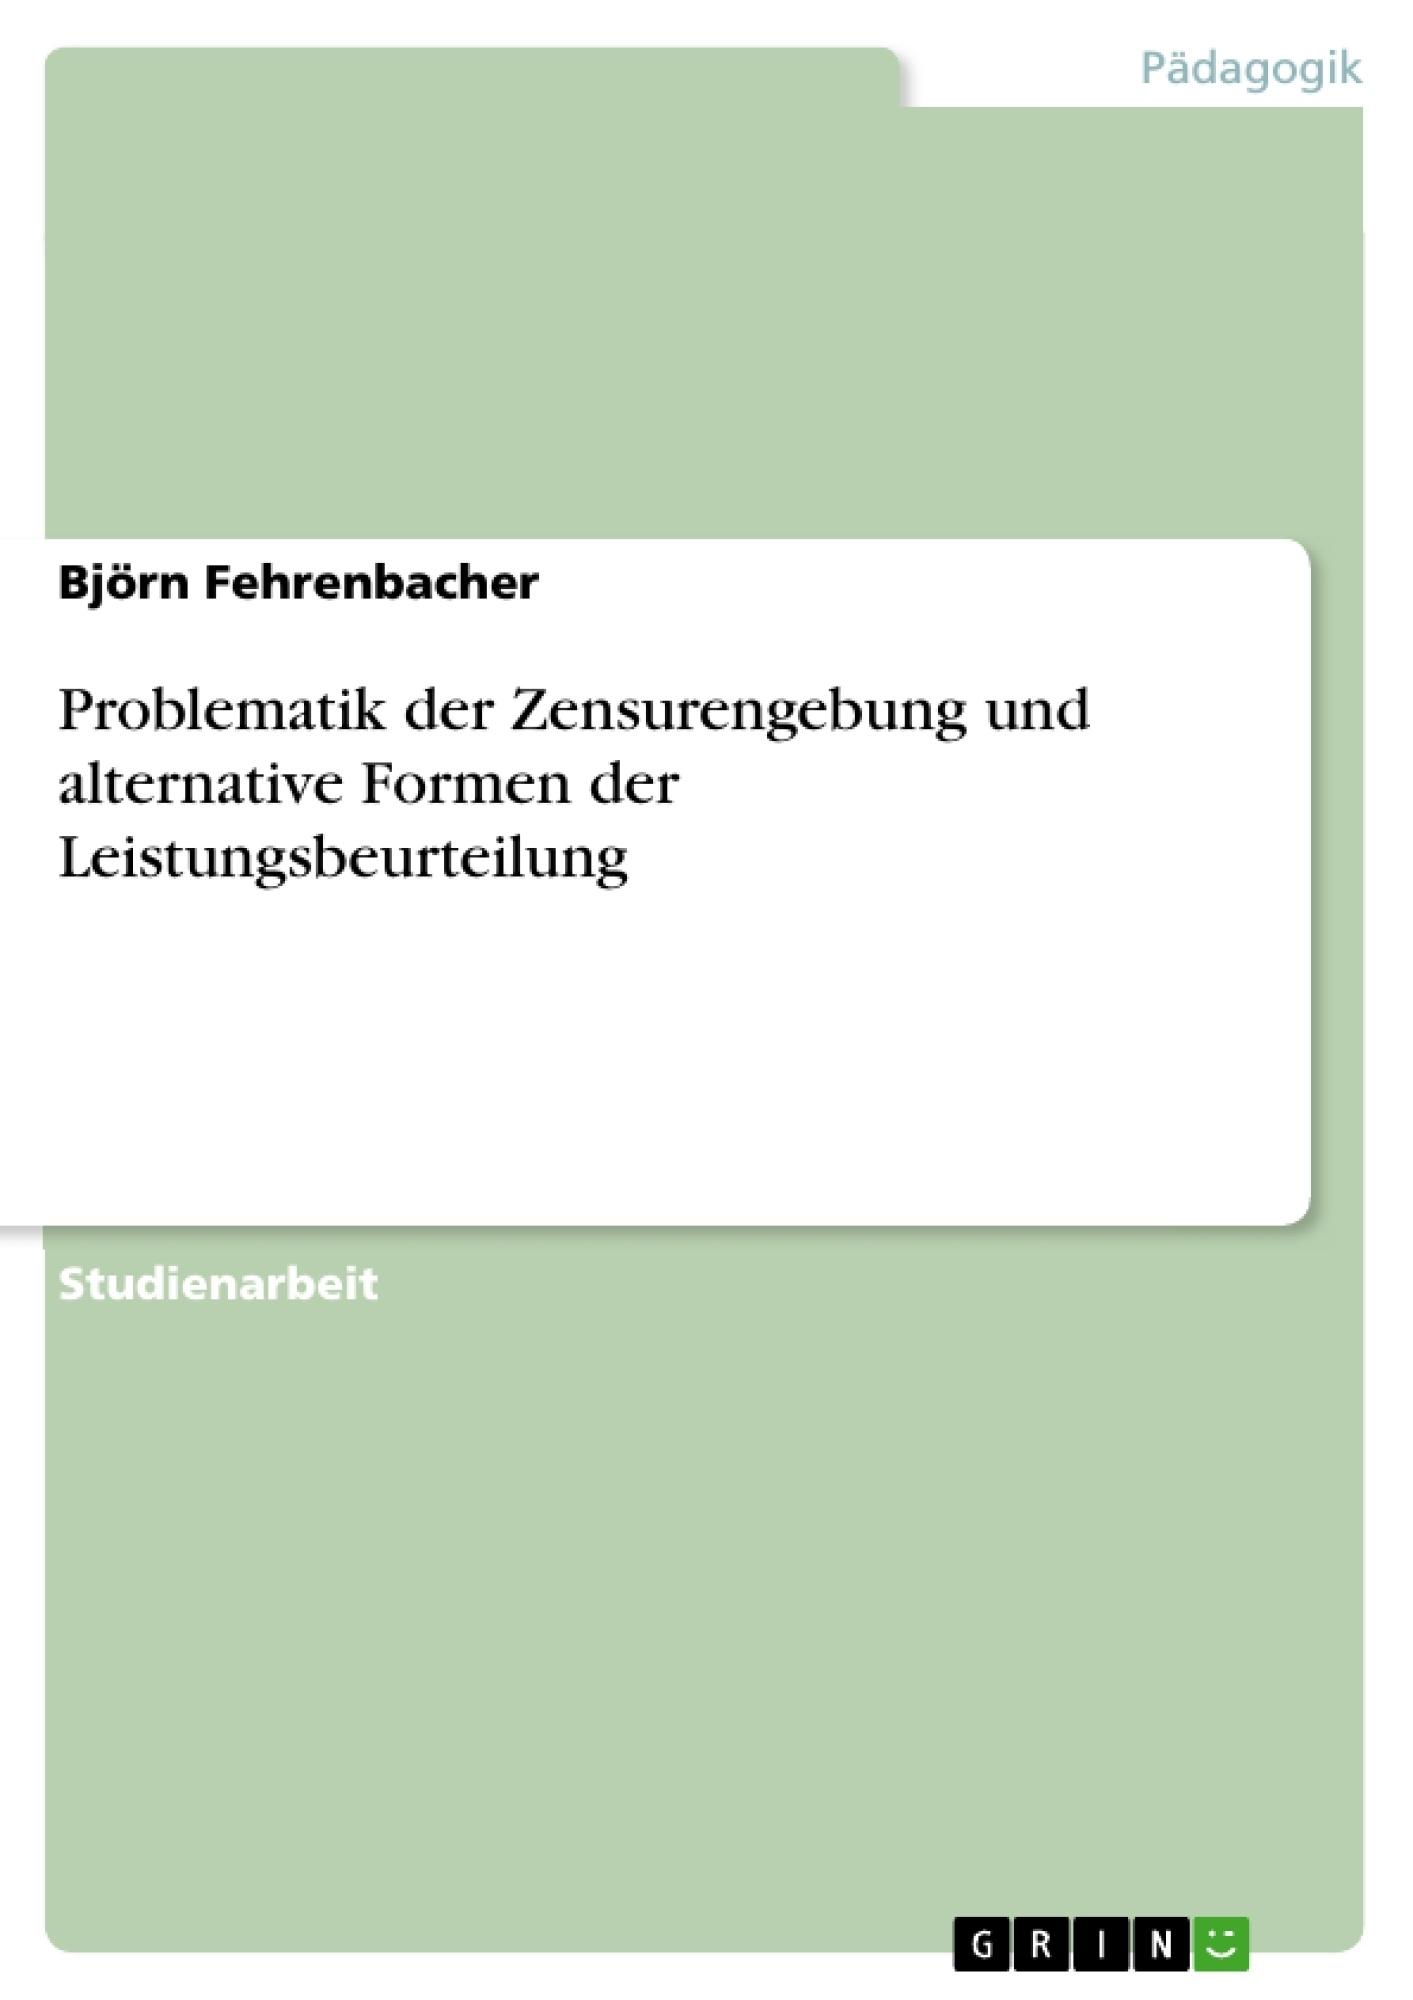 Titel: Problematik der Zensurengebung und alternative Formen der Leistungsbeurteilung